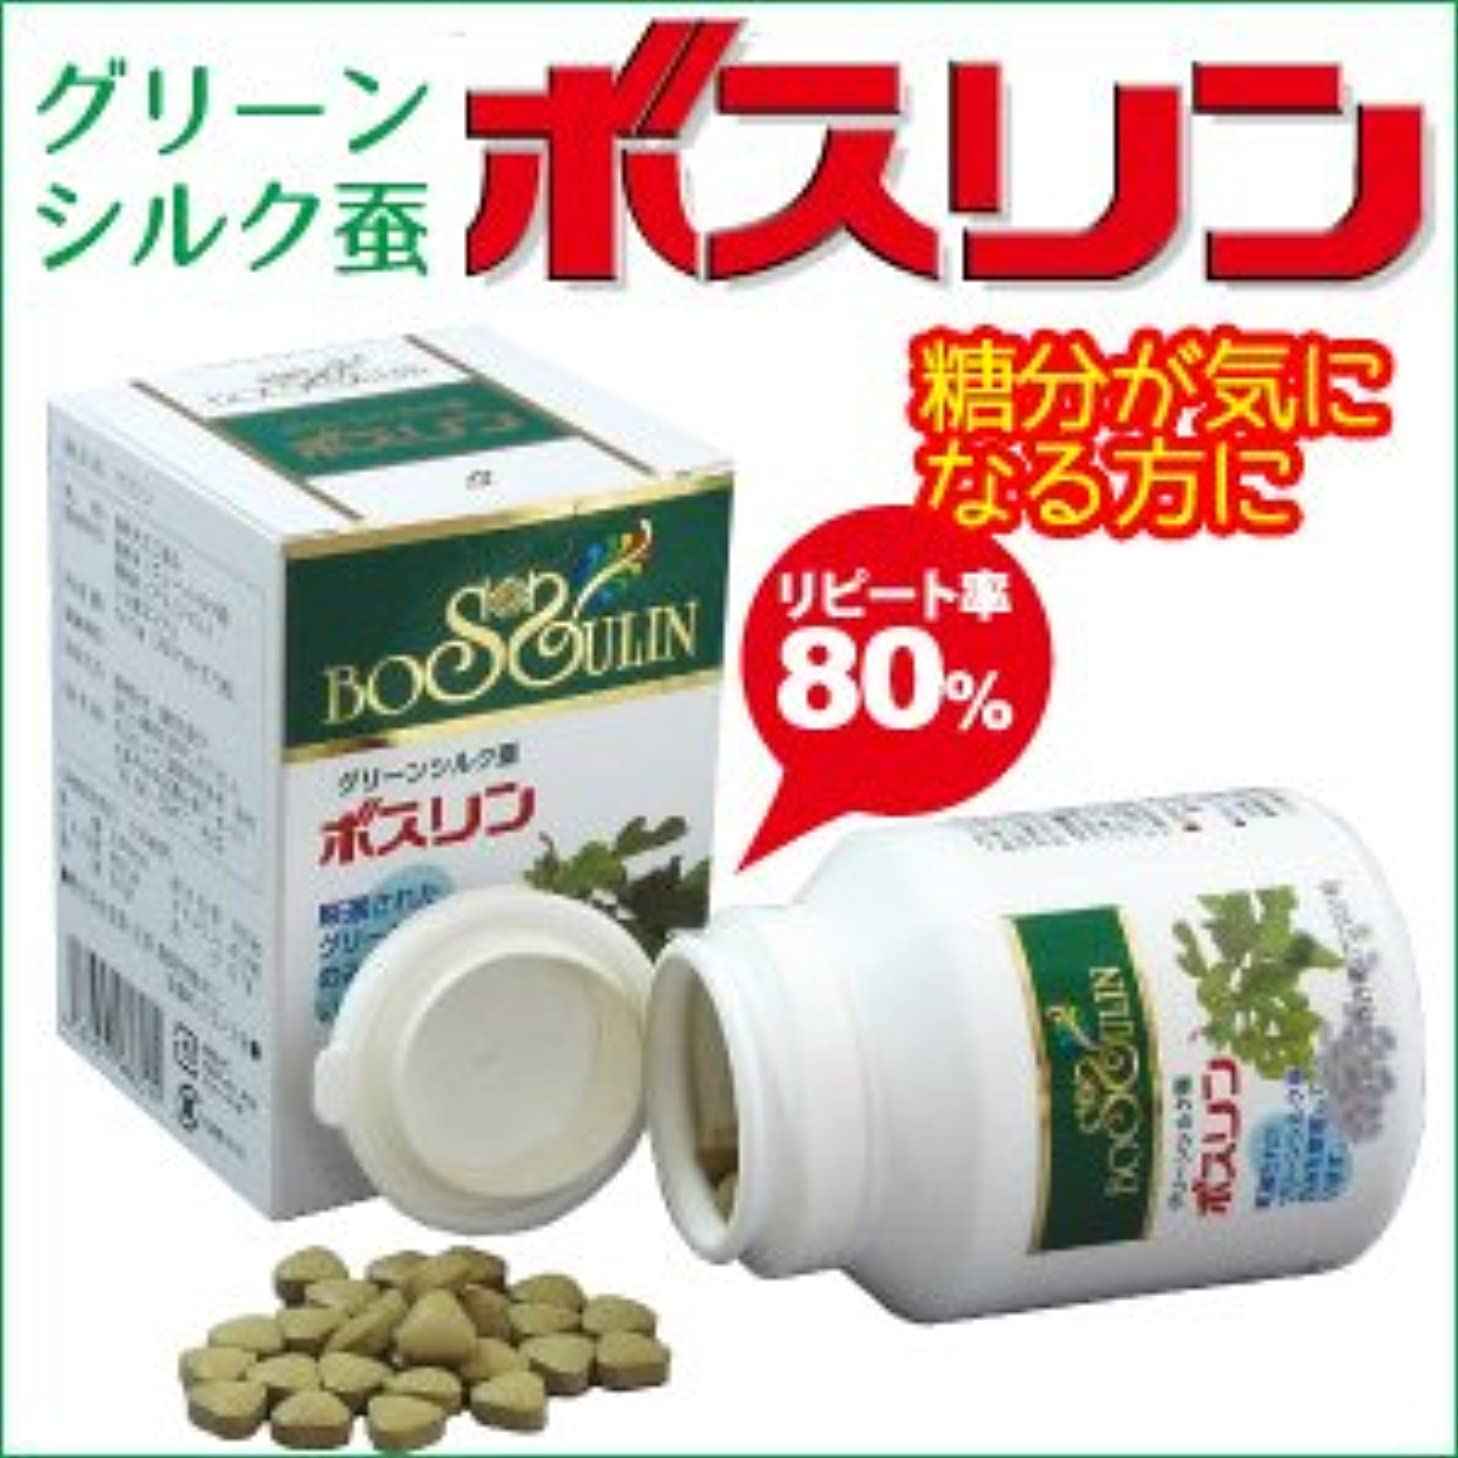 ボスリン 桑の葉を主食とする厳選された蚕を使用したグリーンシルク蚕(蚕粉末)を配合!